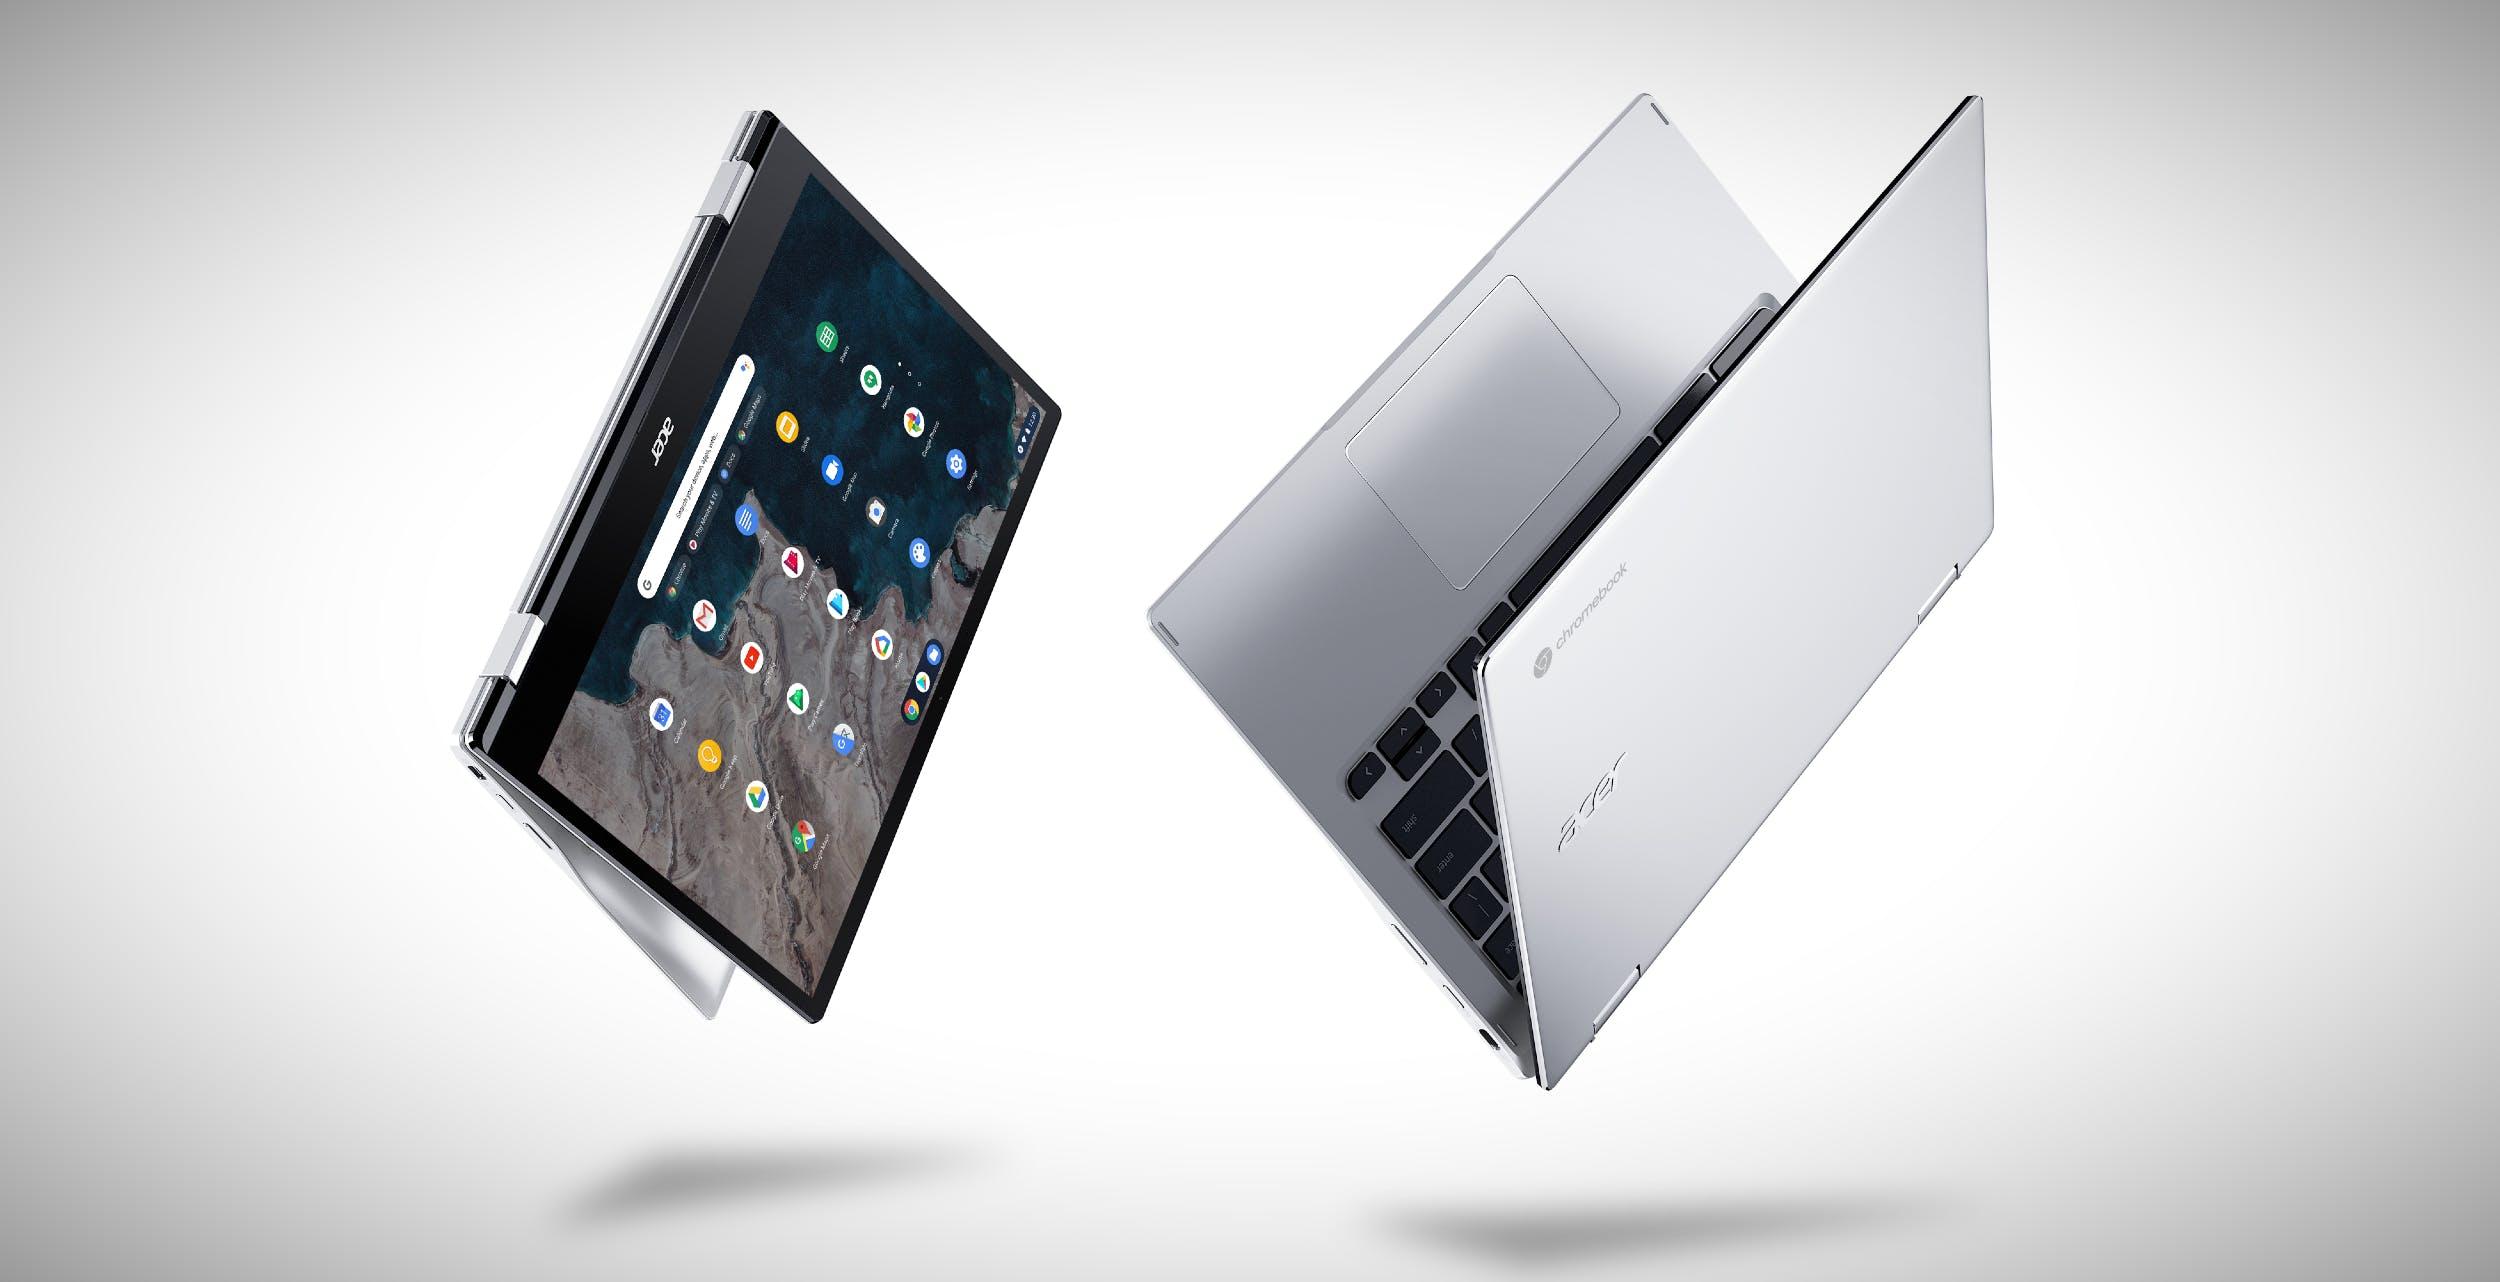 Ecco il nuovo Chromebook Spin 513 di Acer. Il primo al mondo con Snapdragon 7c